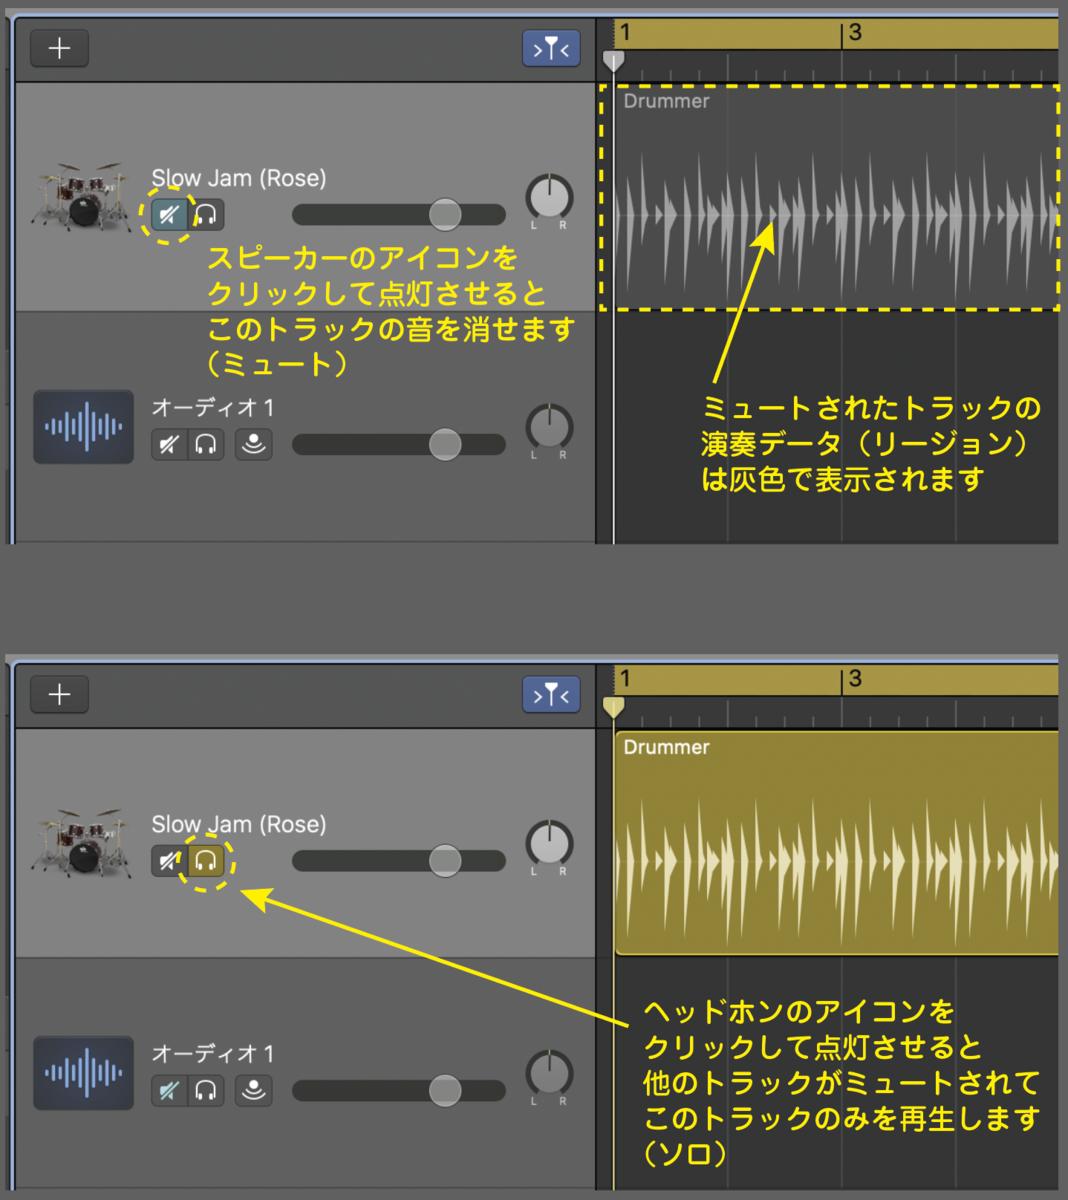 f:id:Hamakichi:20200530173426p:plain